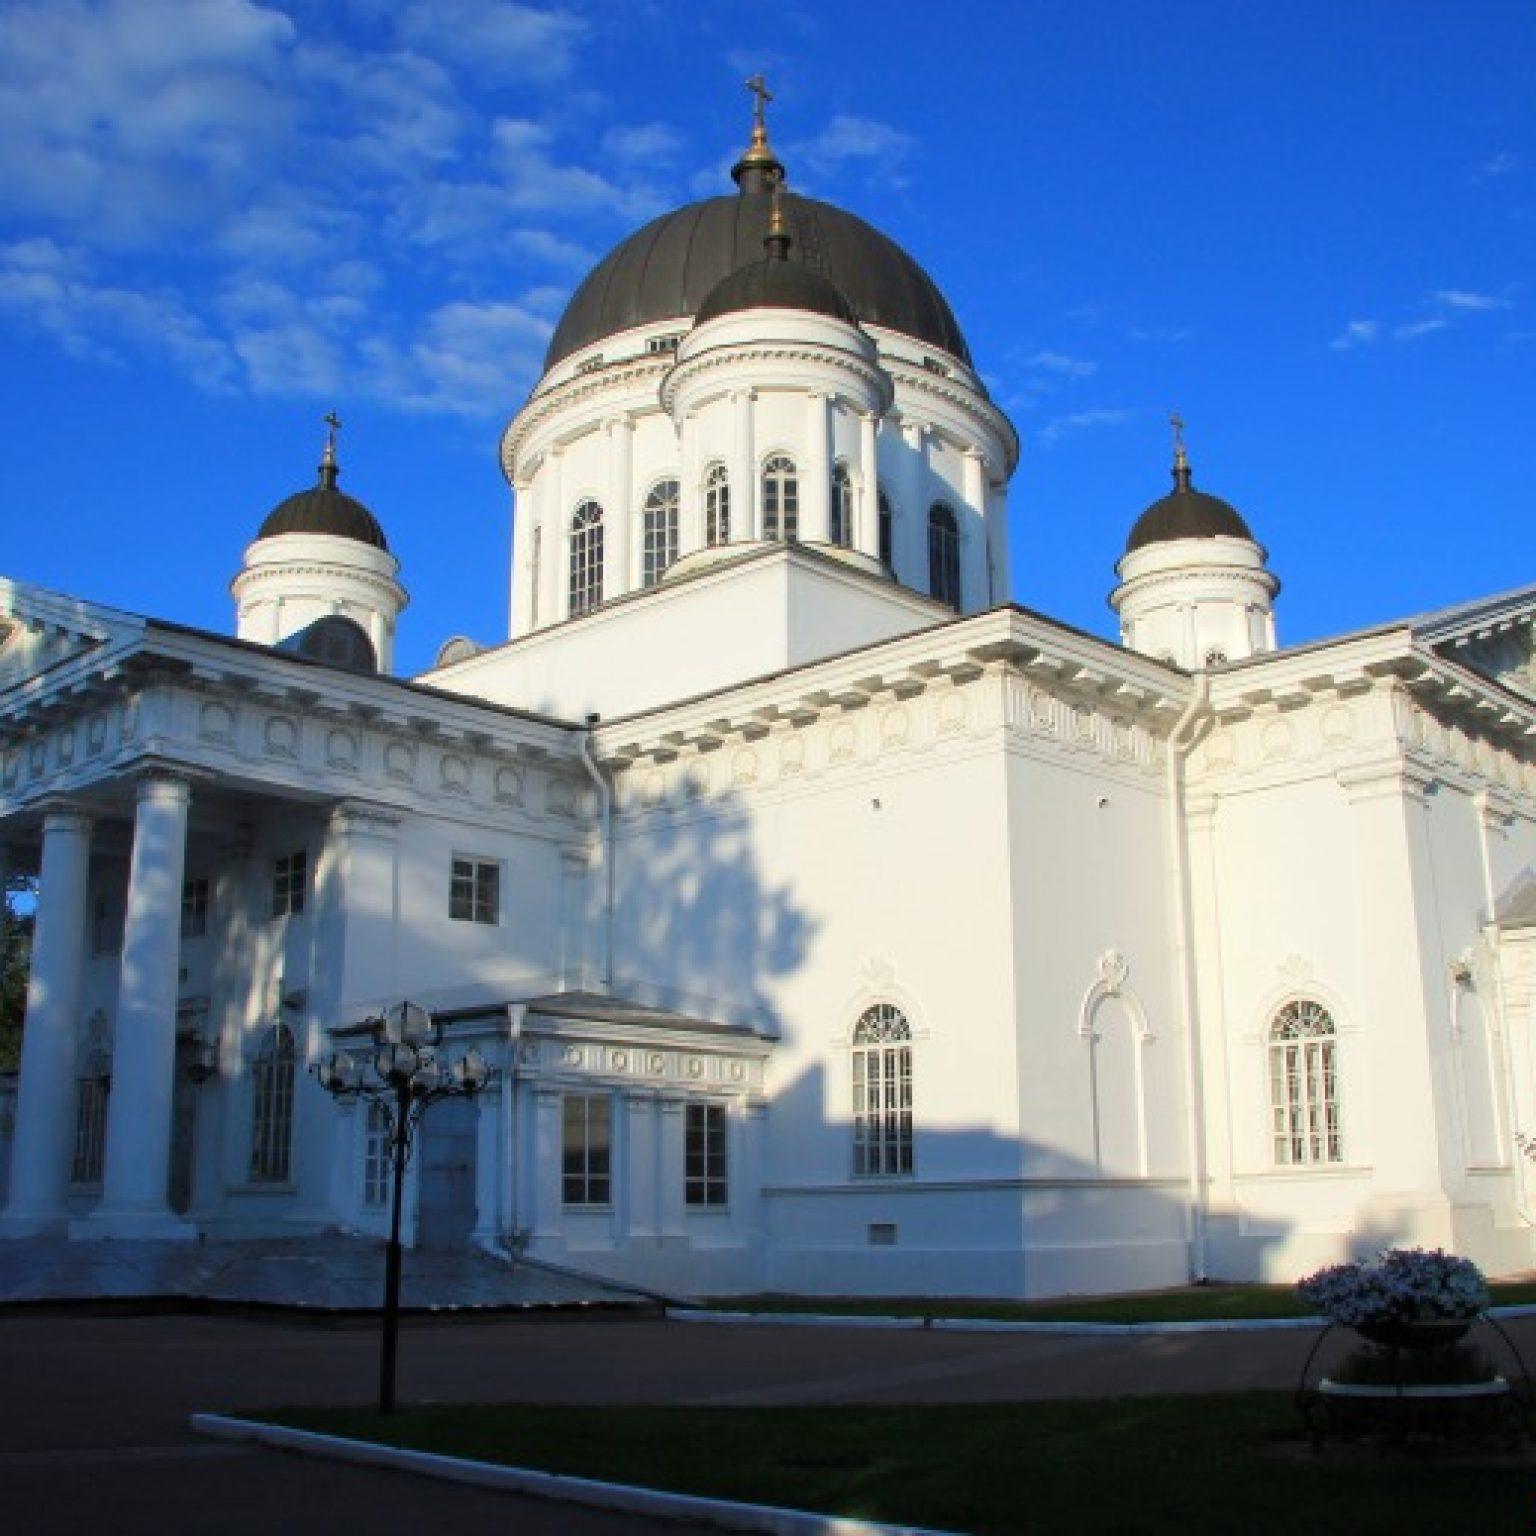 Достопримечательности Нижнего Новгорода: Спасский Староярмарочный собор